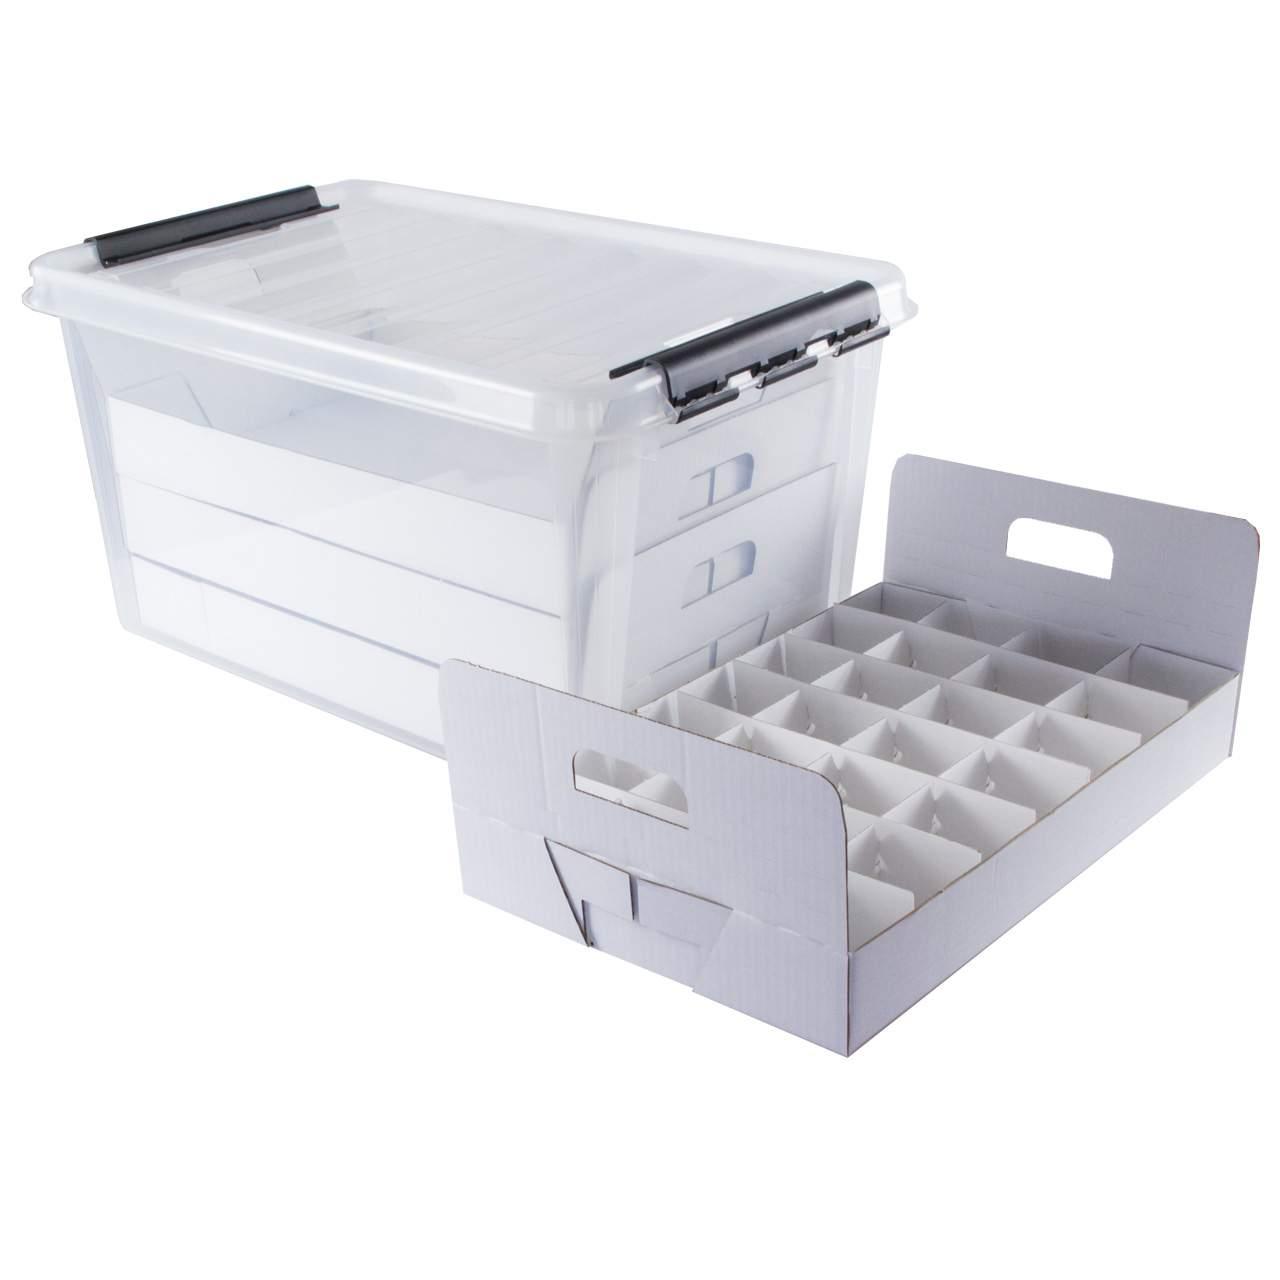 Garten Aufbewahrungsbox Einzigartig top Box Aufbewahrungsbox Für Dekoartikel Mit Gefache